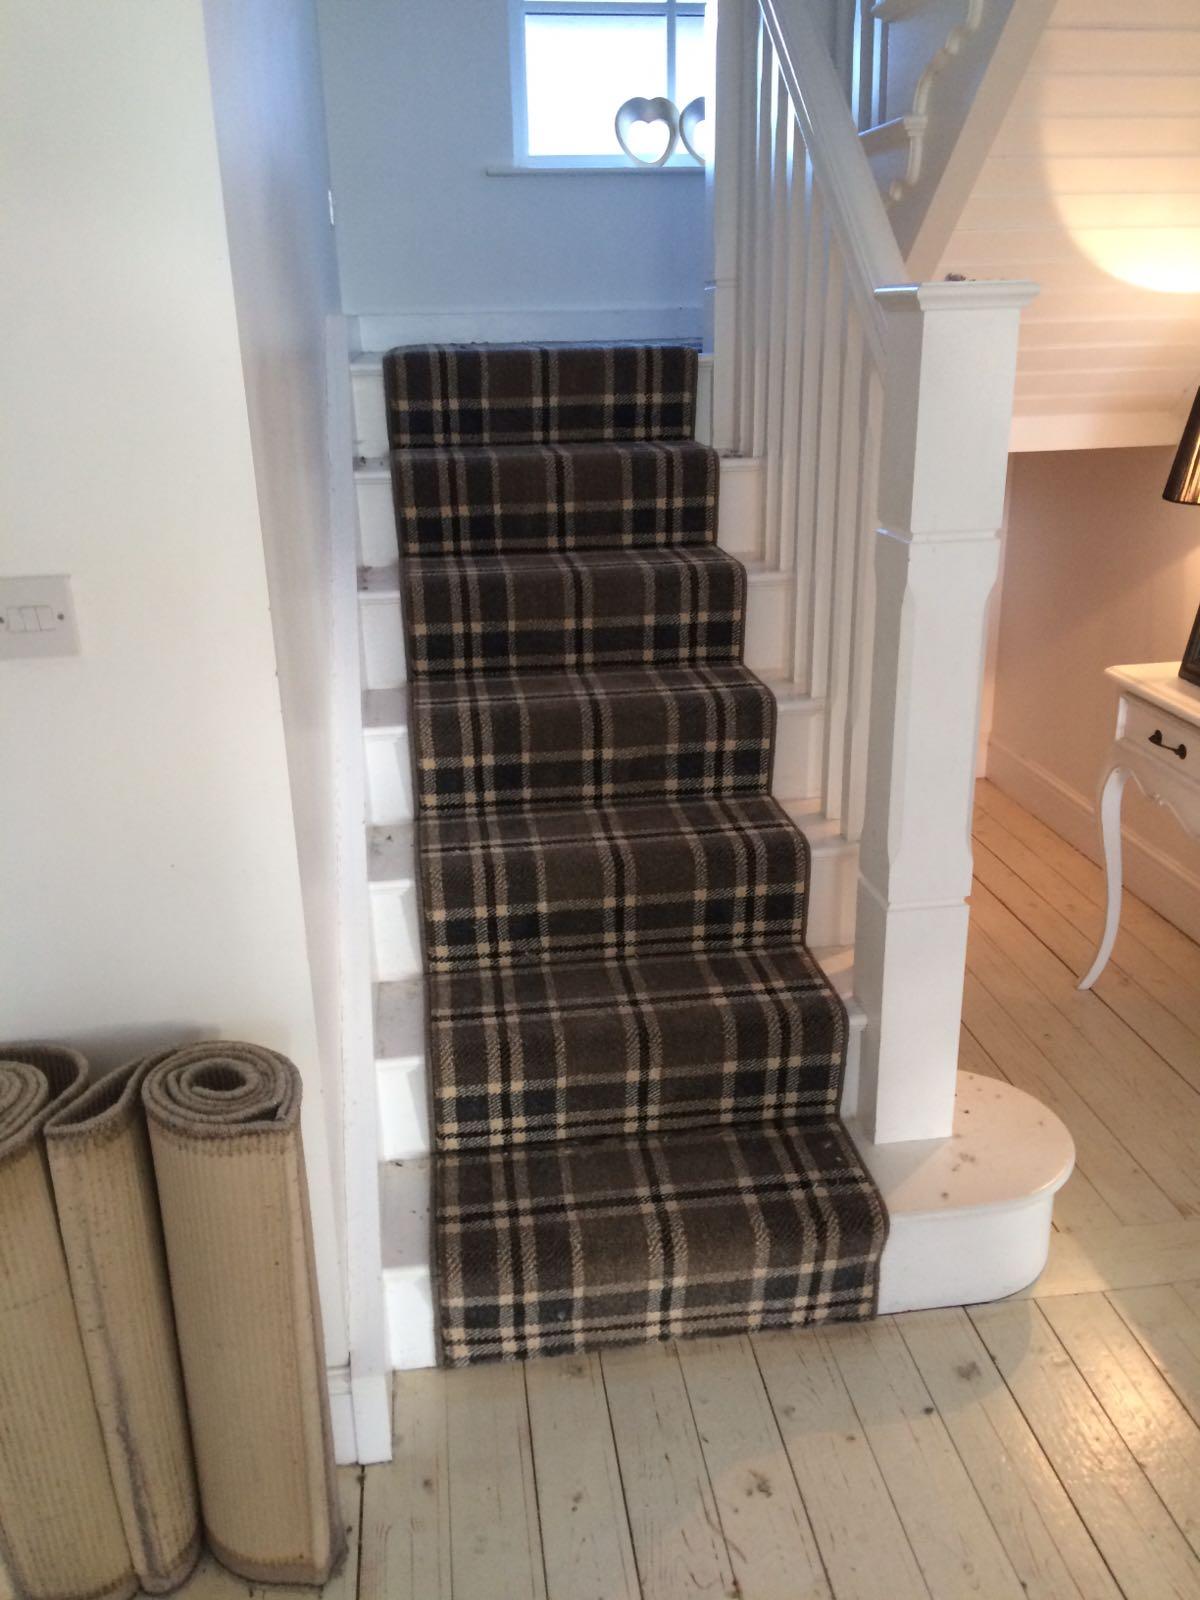 Wilton Carpet Hardwearing Durable Tough Design Pattern